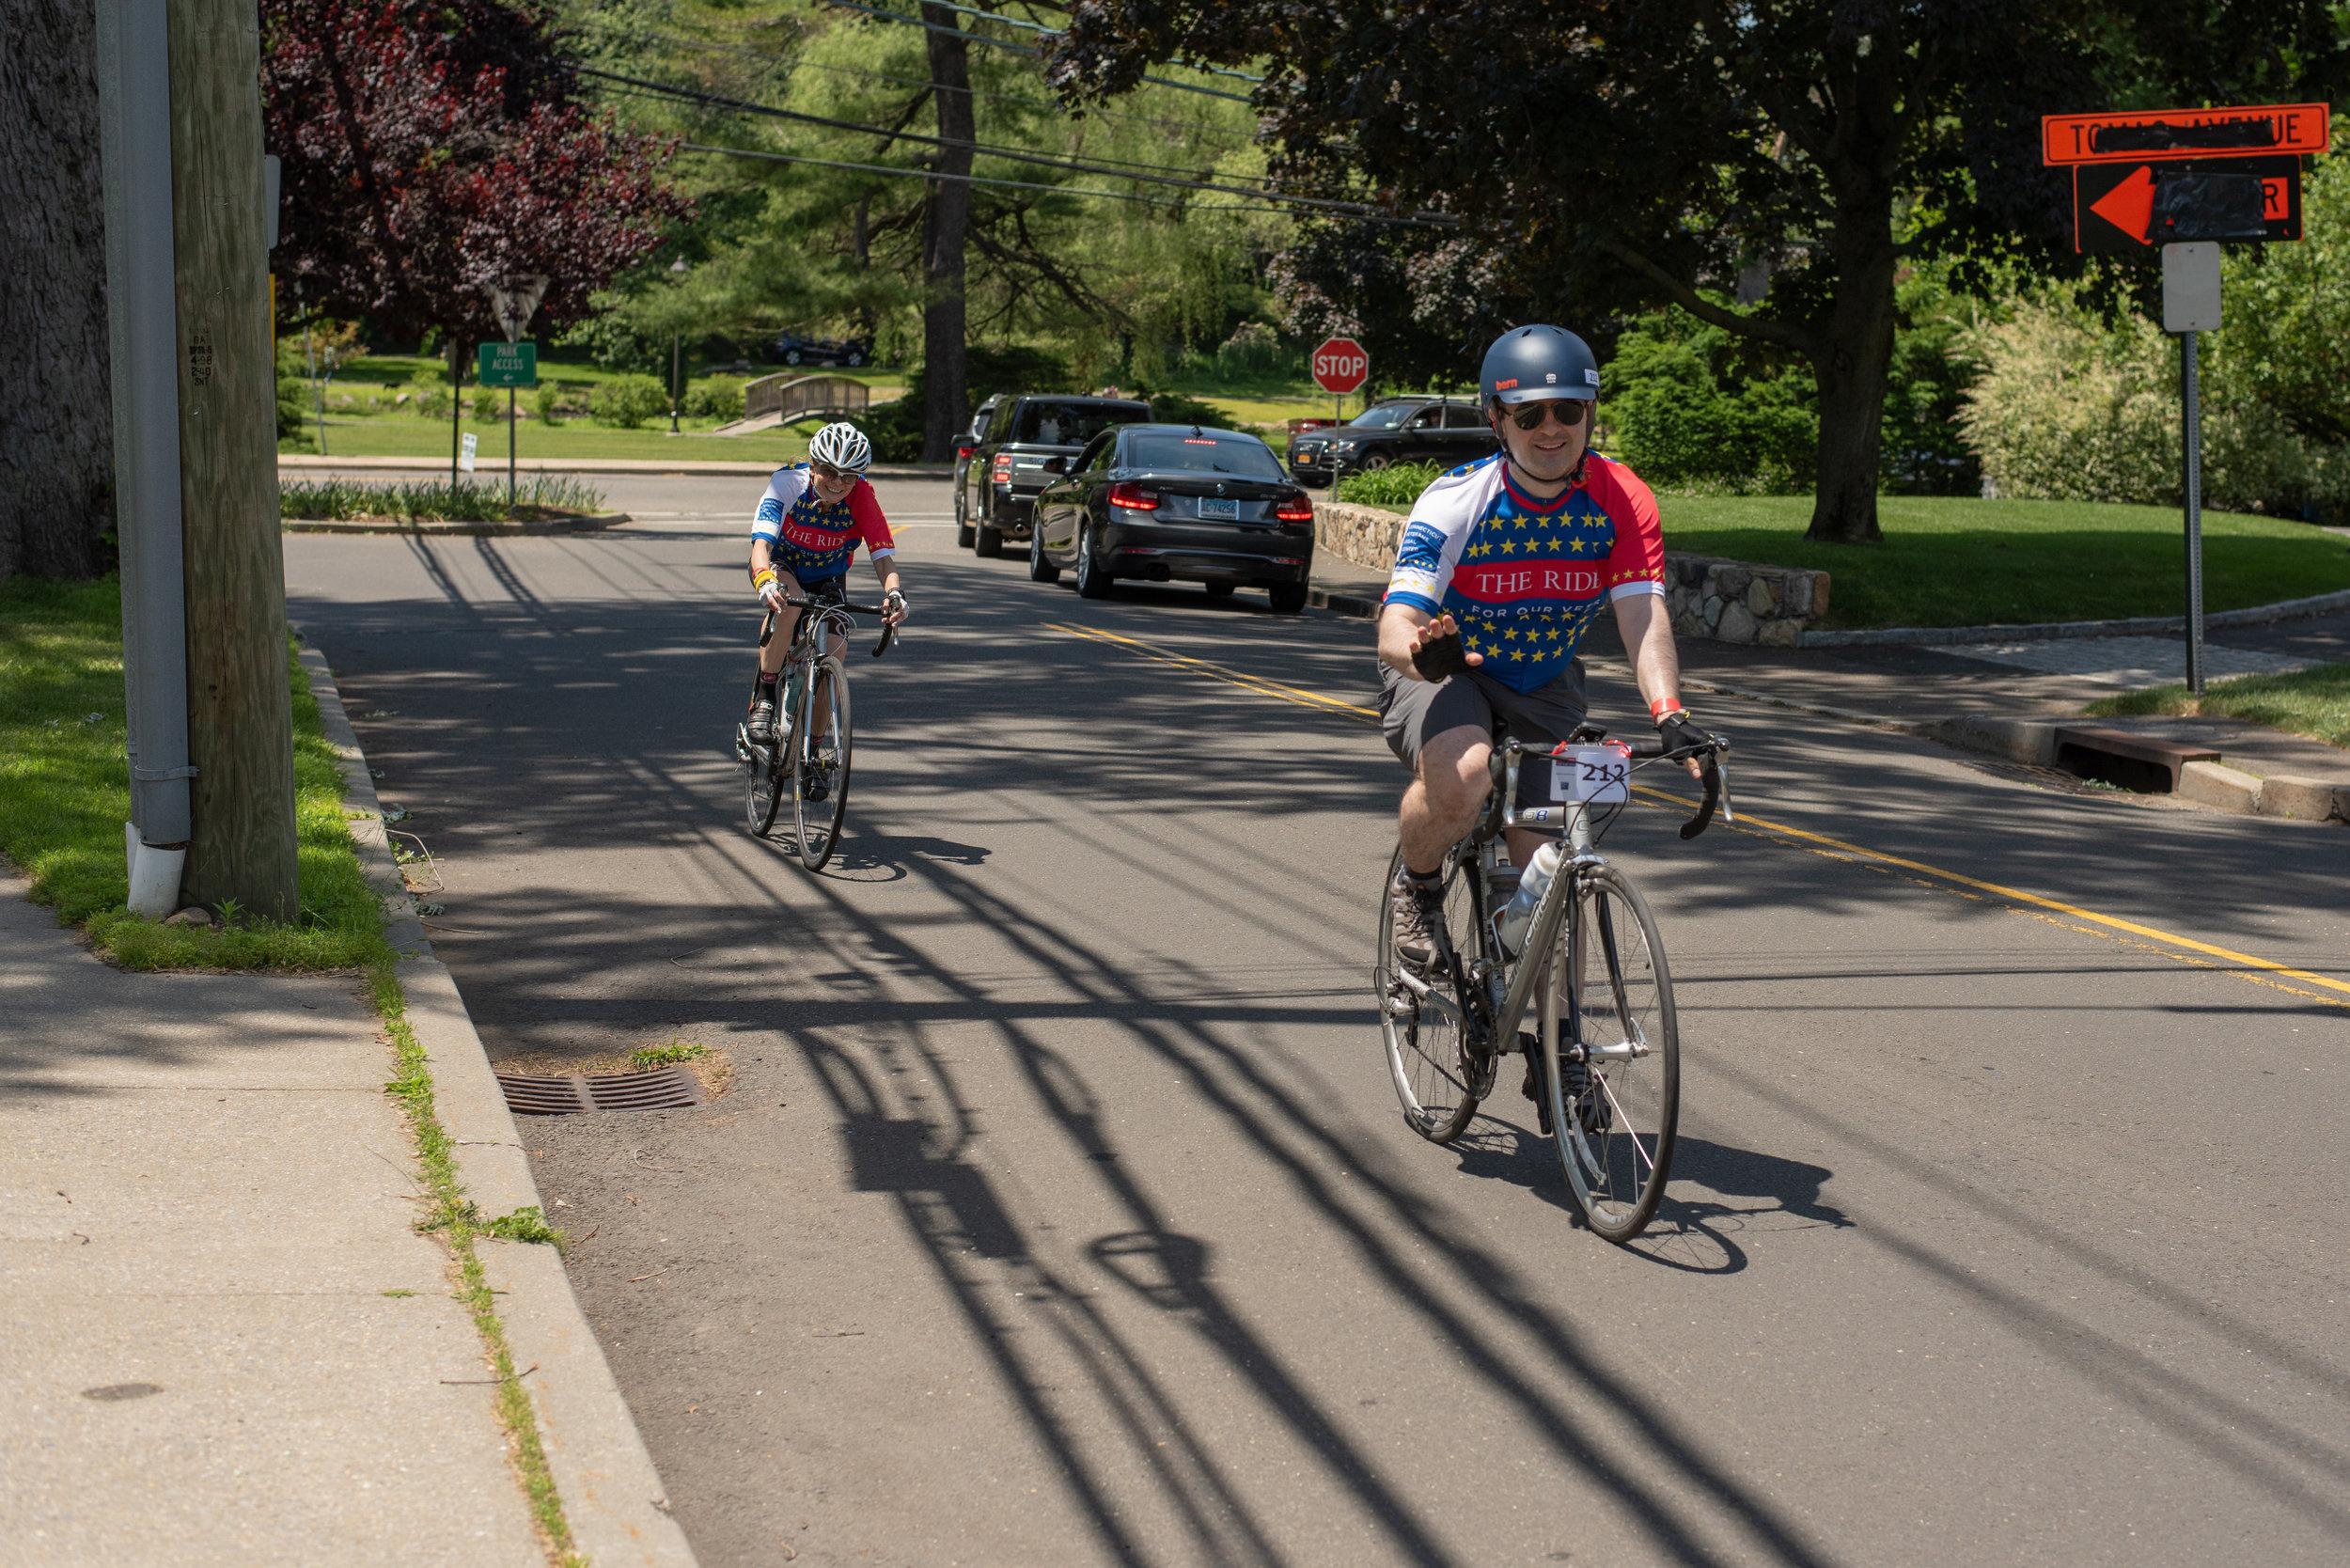 Riders_DSC_2280.jpg